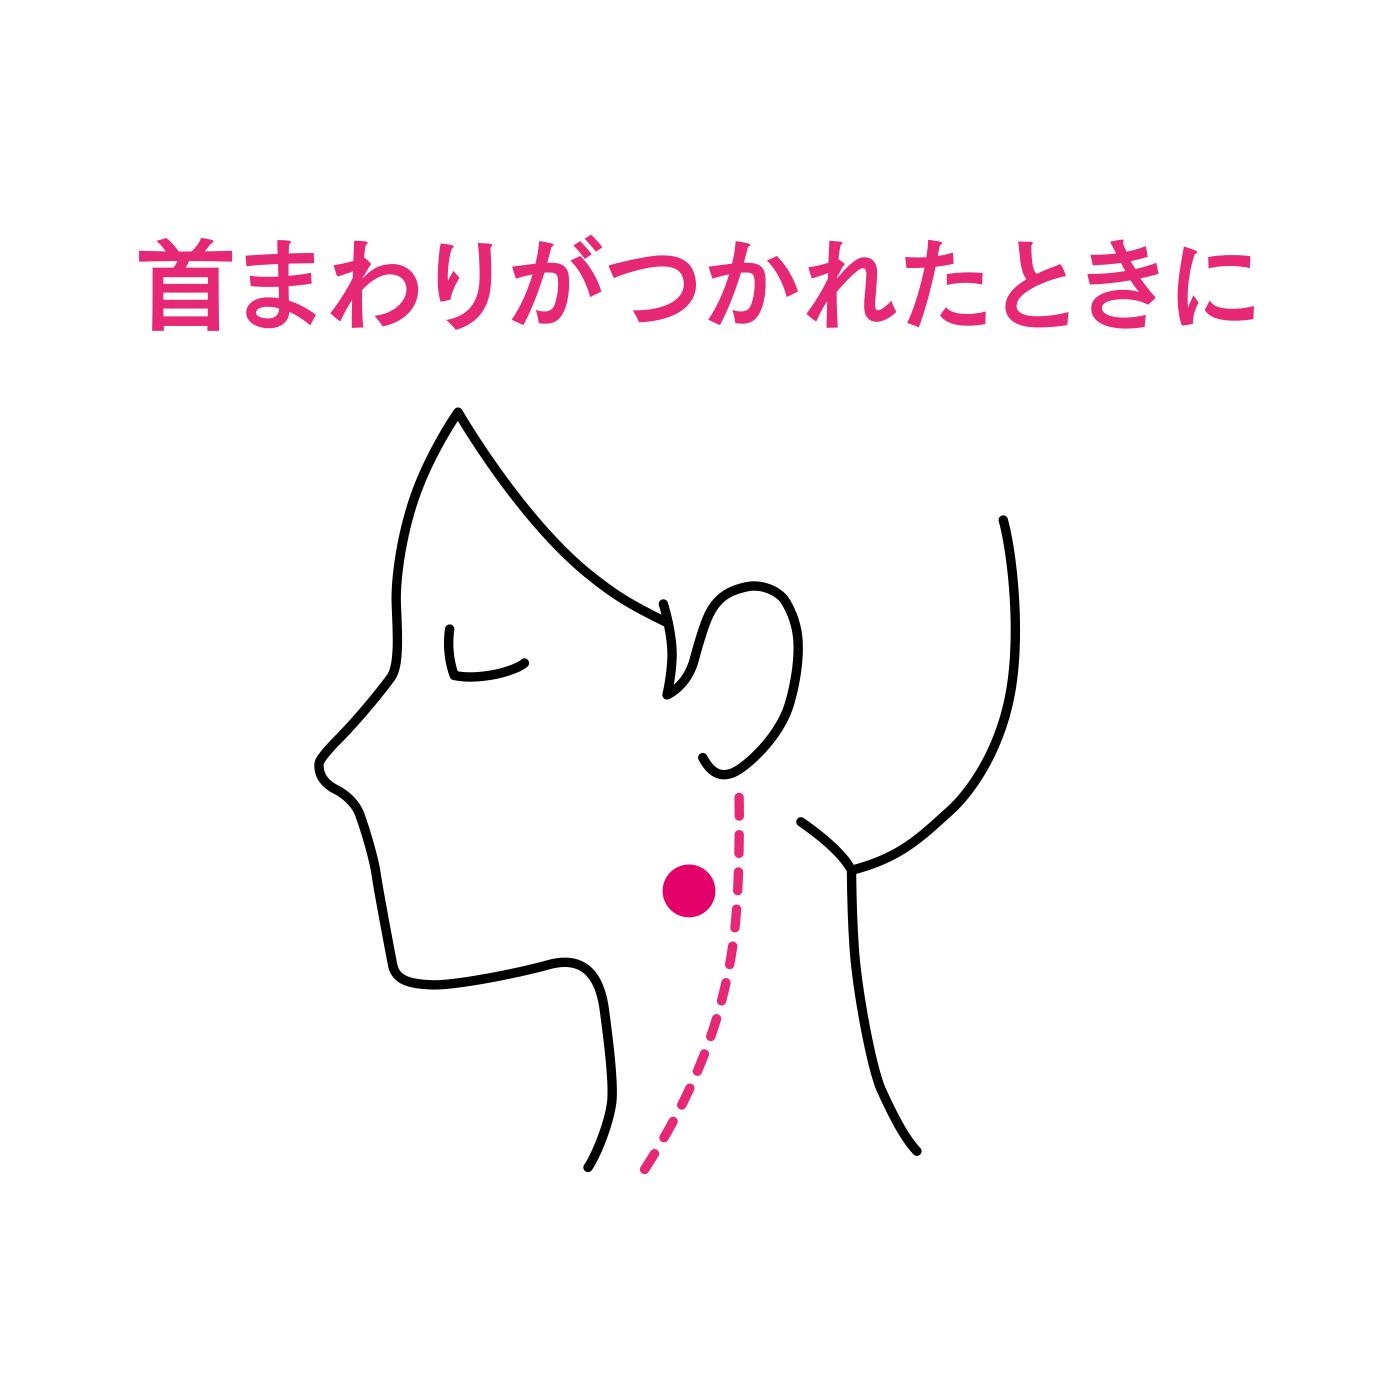 ■天容(てんよう)下あごの角の後ろ、首の筋肉の前側。